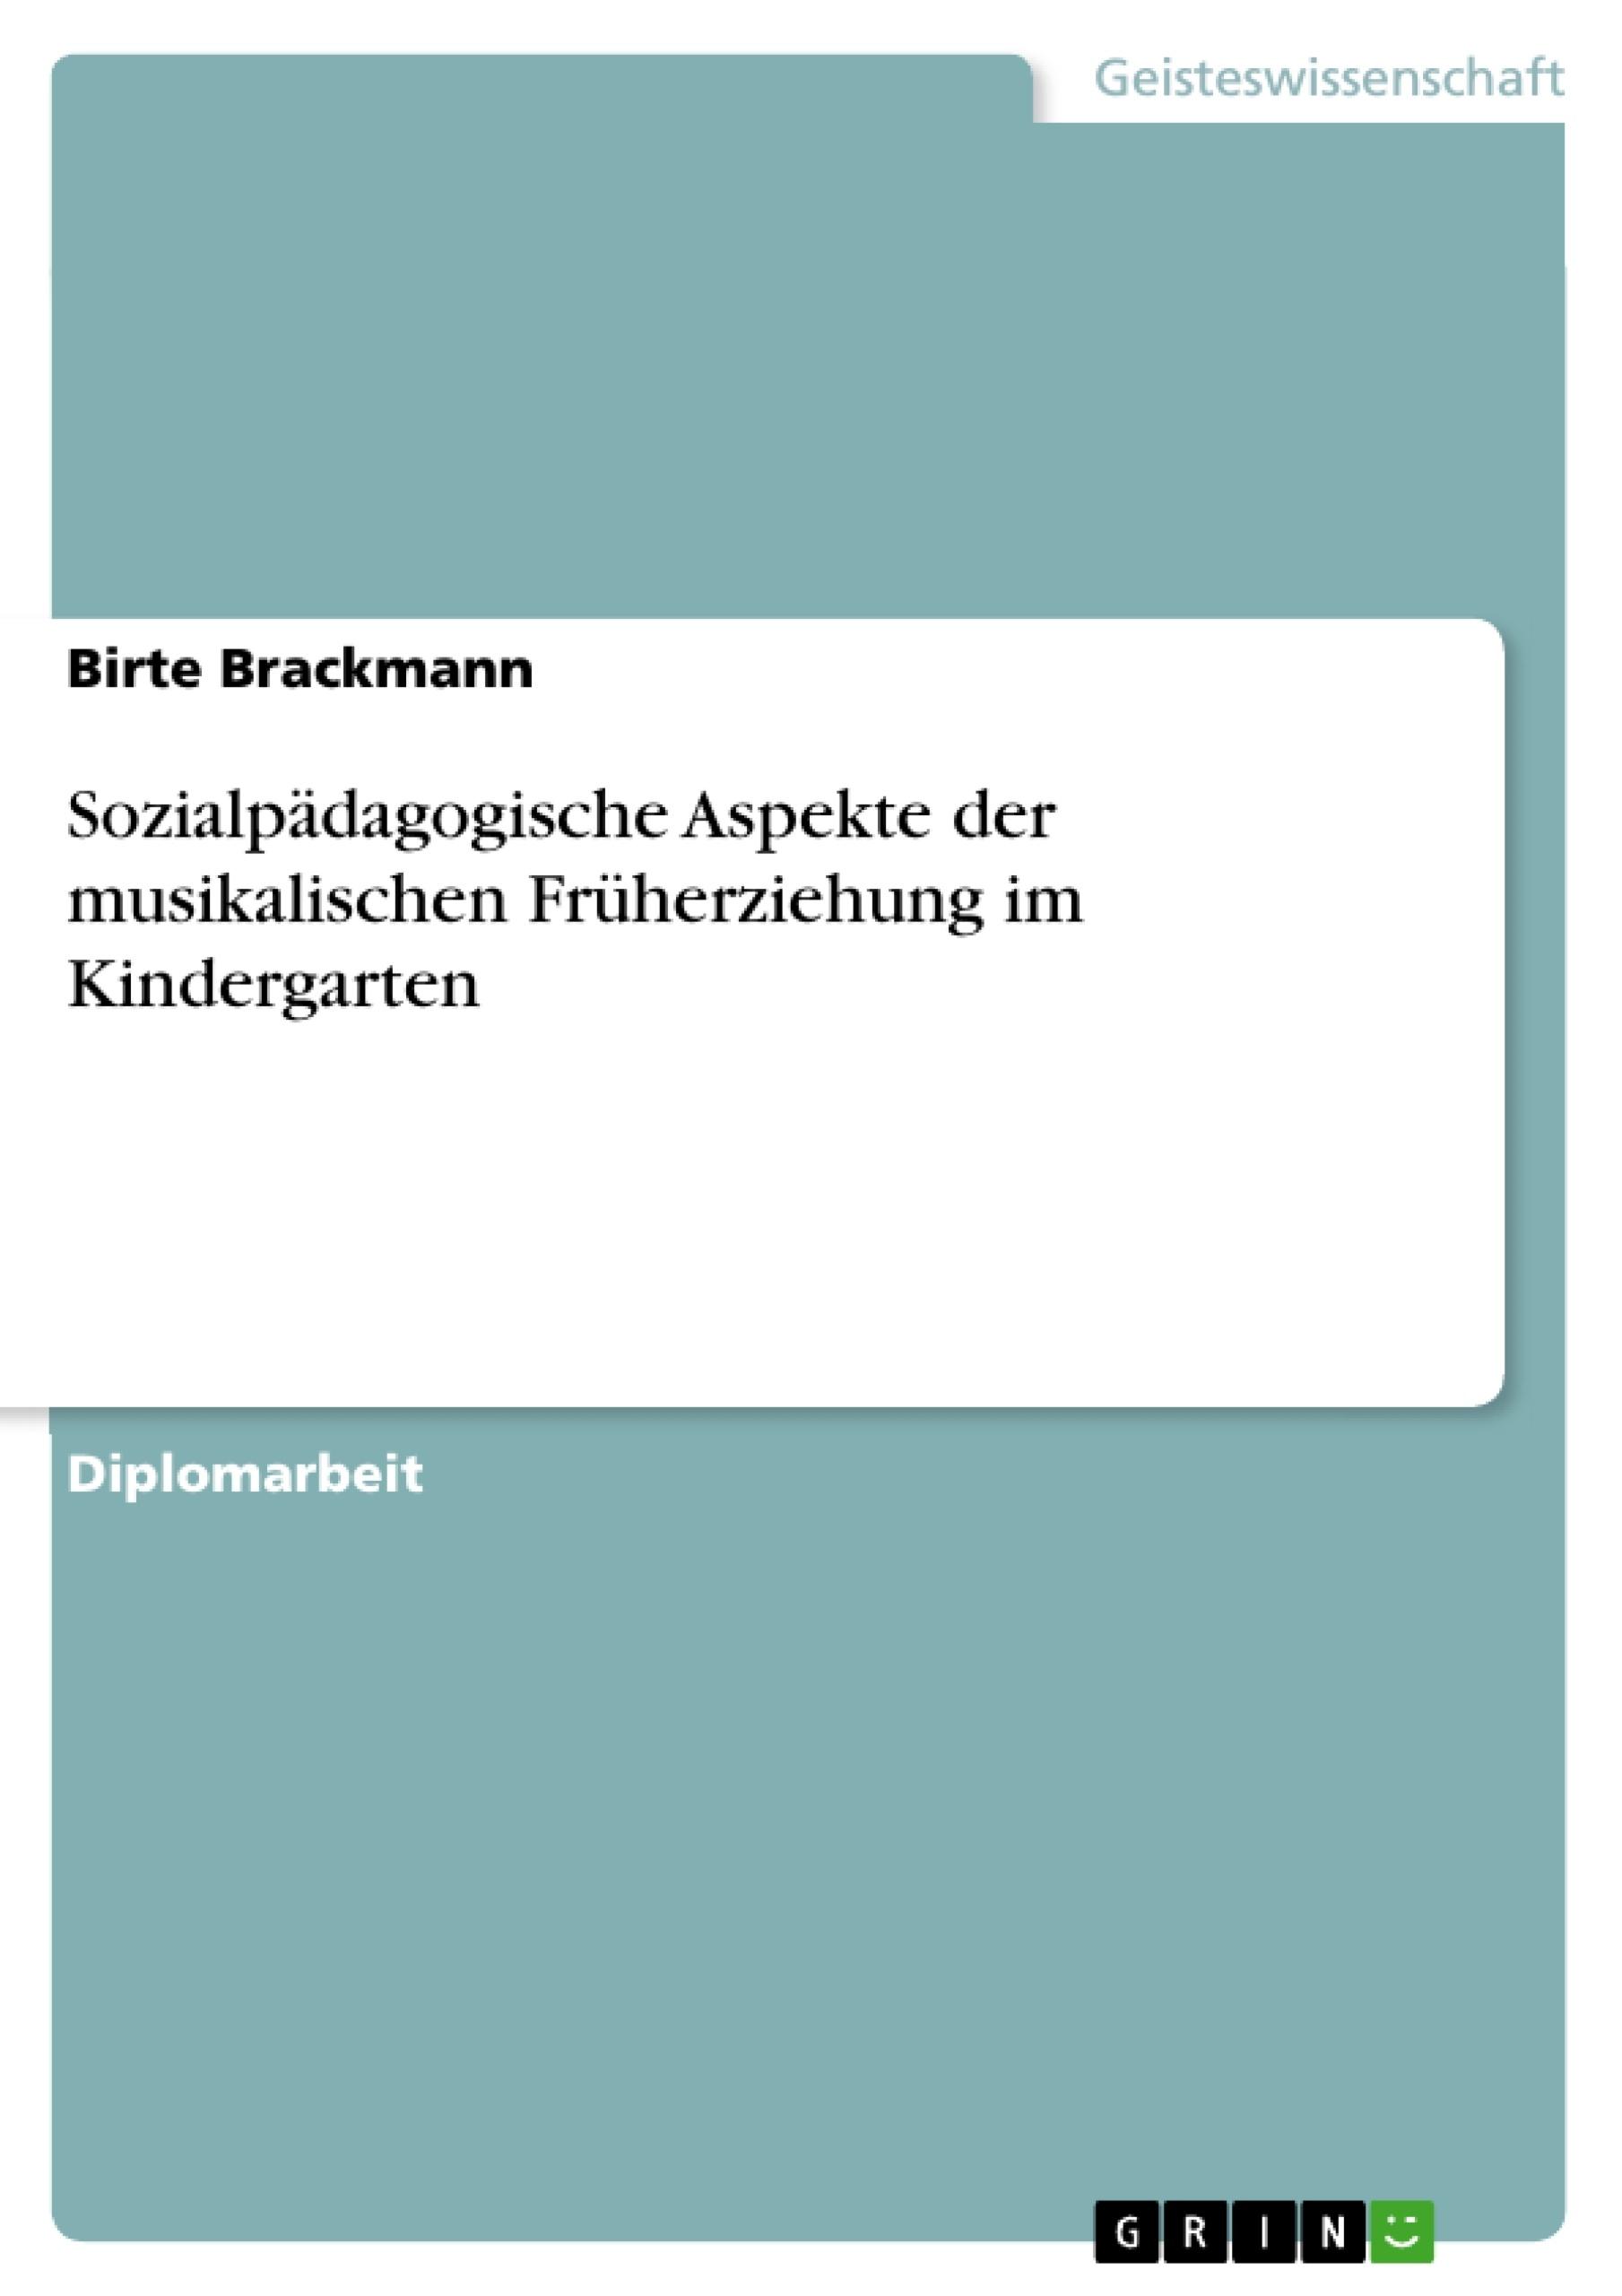 Titel: Sozialpädagogische Aspekte der musikalischen Früherziehung im Kindergarten